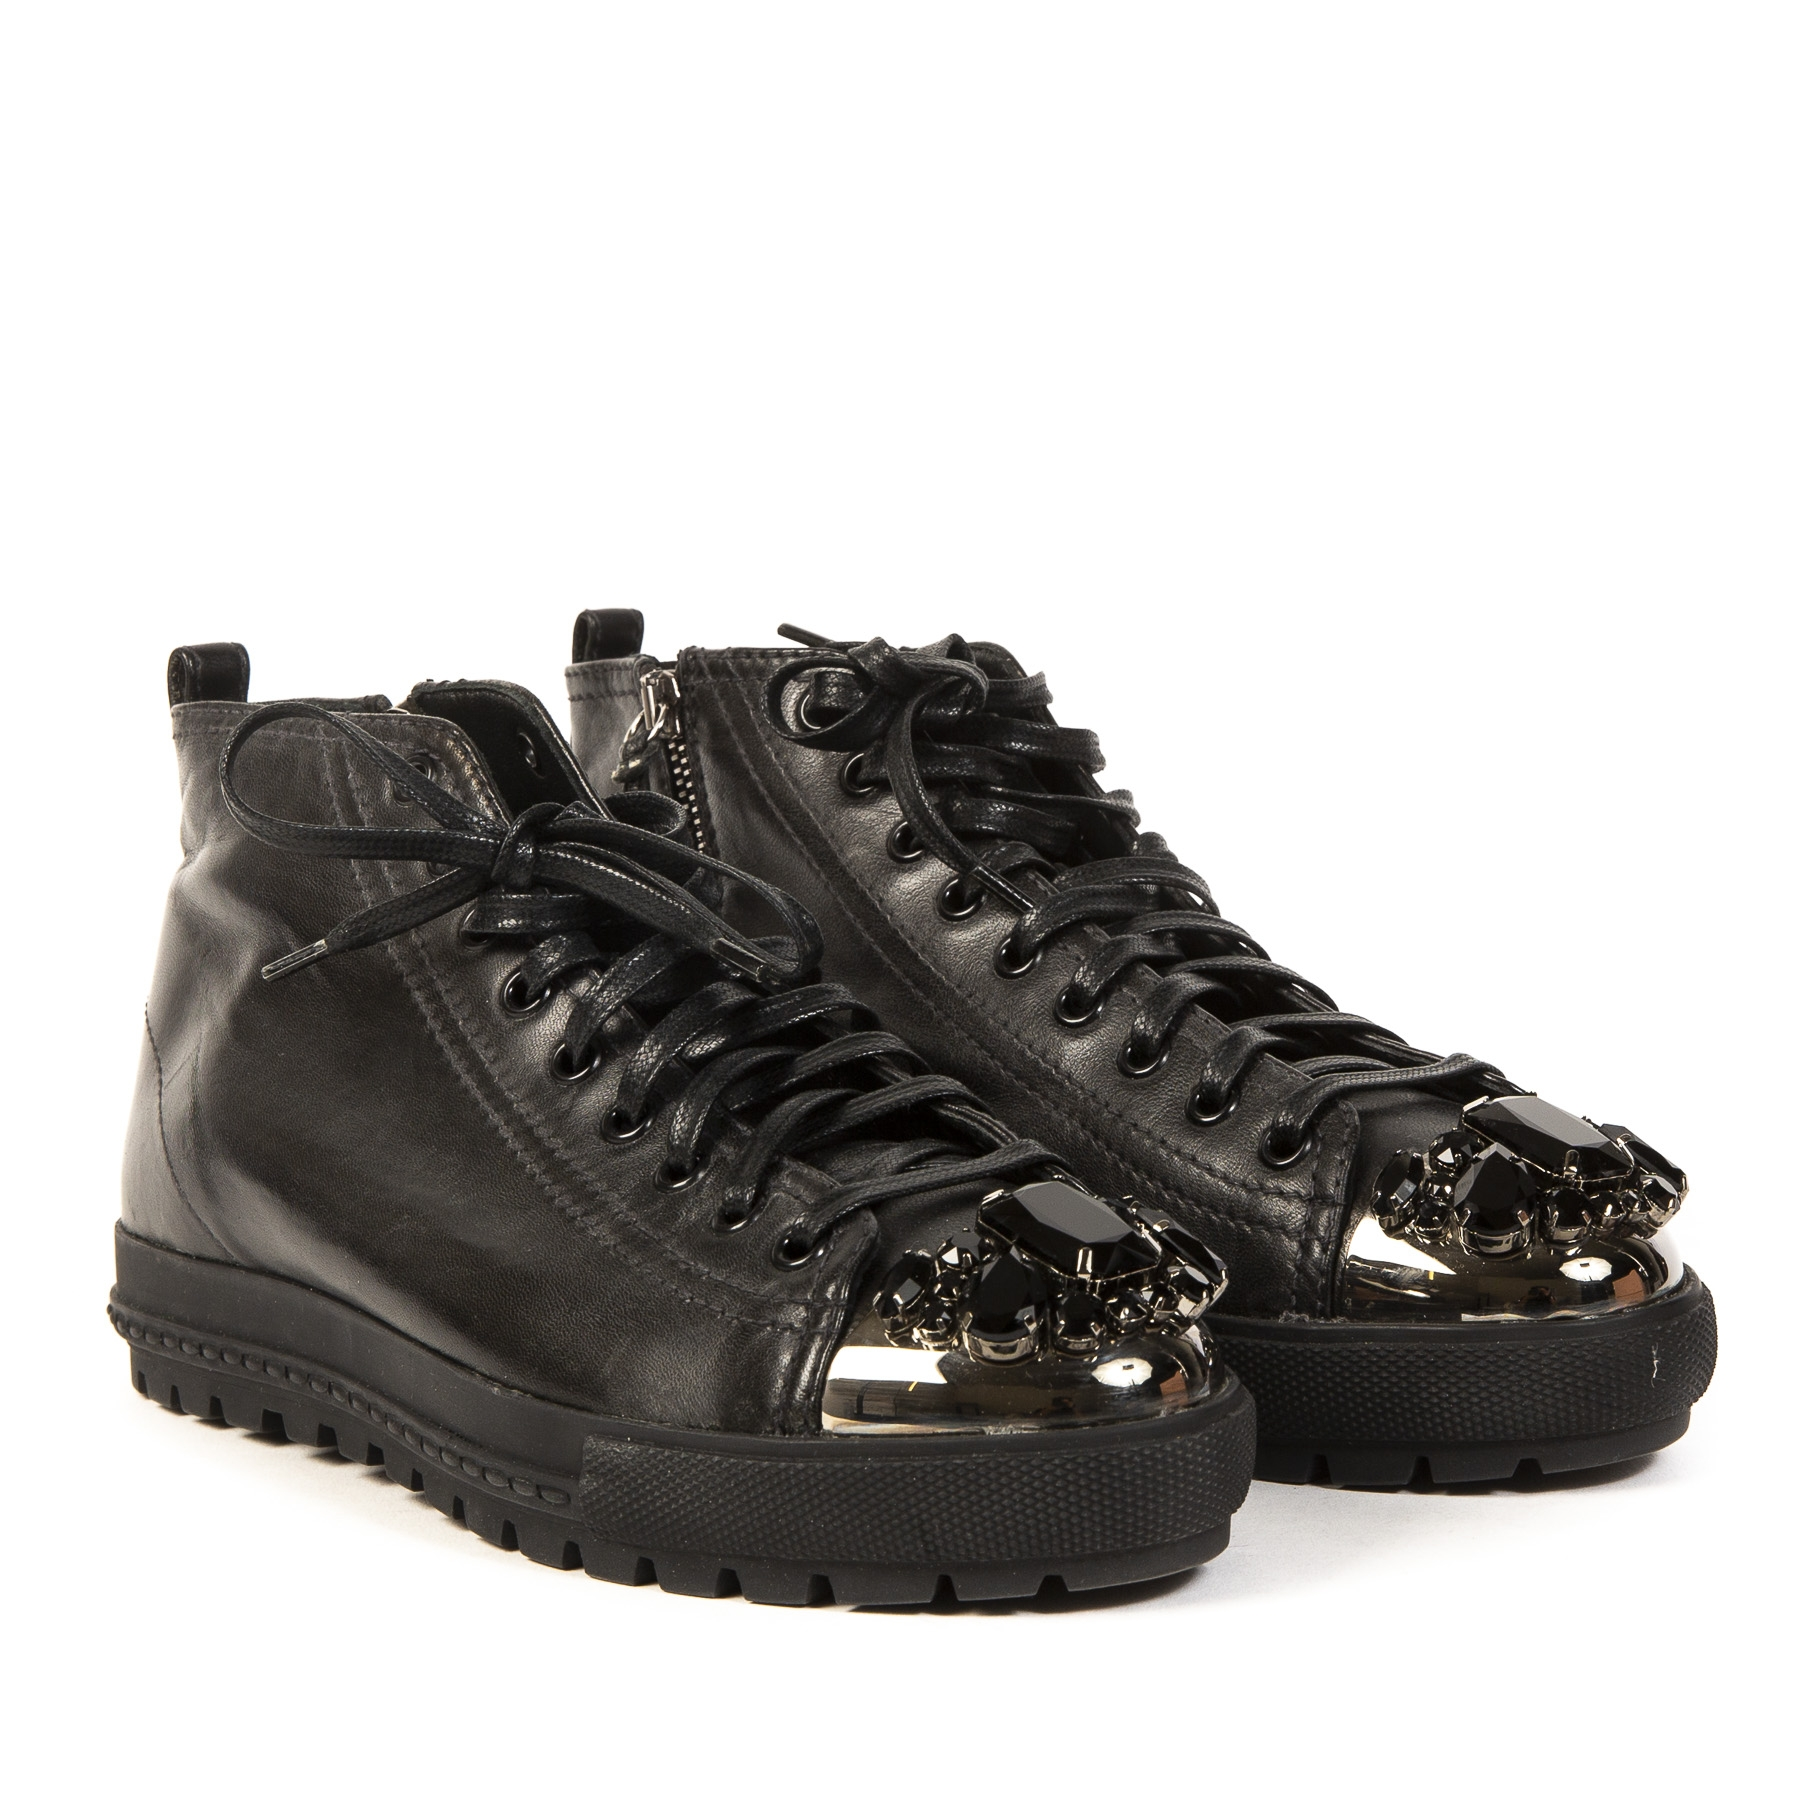 Authentieke Tweedehands Miu Miu Black Bejewelled Sneakers juiste prijs veilig online shoppen luxe merken webshop winkelen Antwerpen België mode fashion